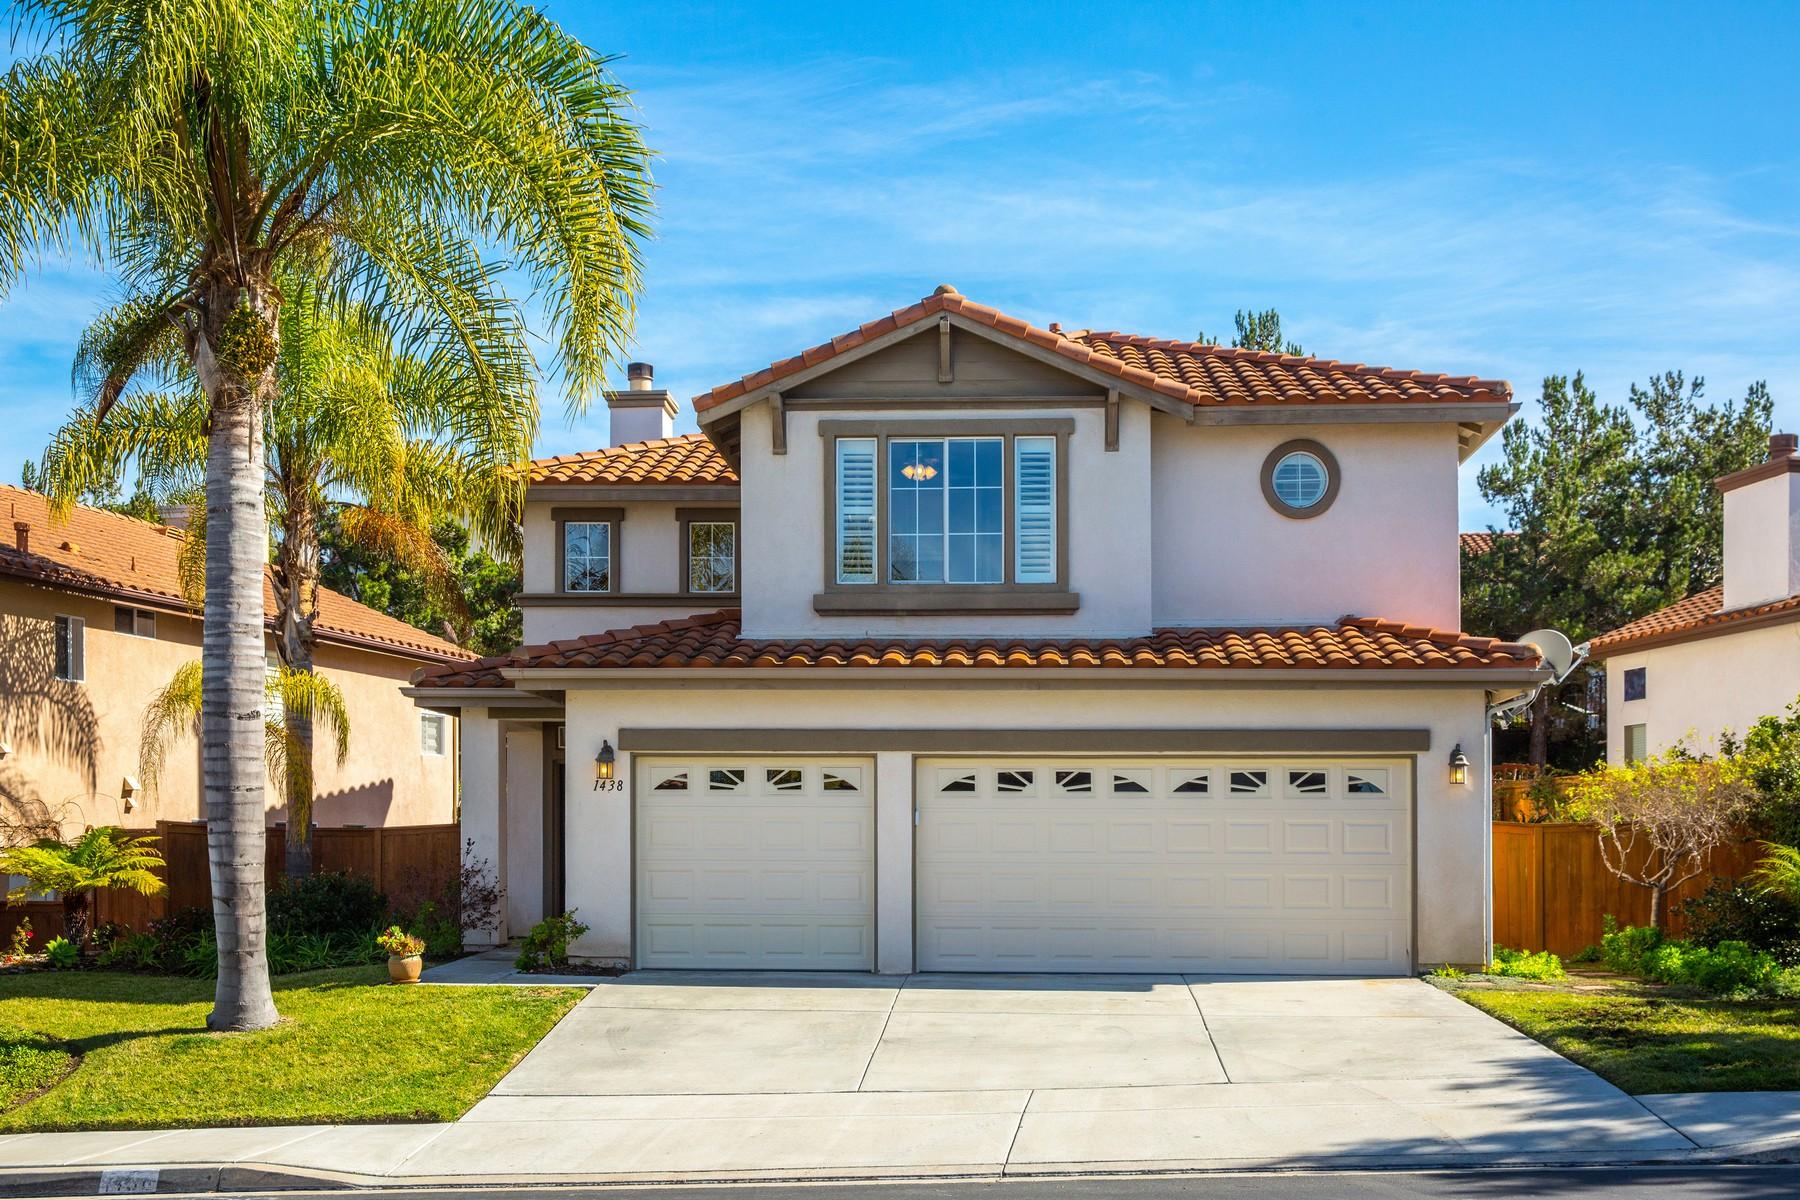 Maison unifamiliale pour l Vente à 1438 Turquoise Drive Carlsbad, Californie 92011 États-Unis